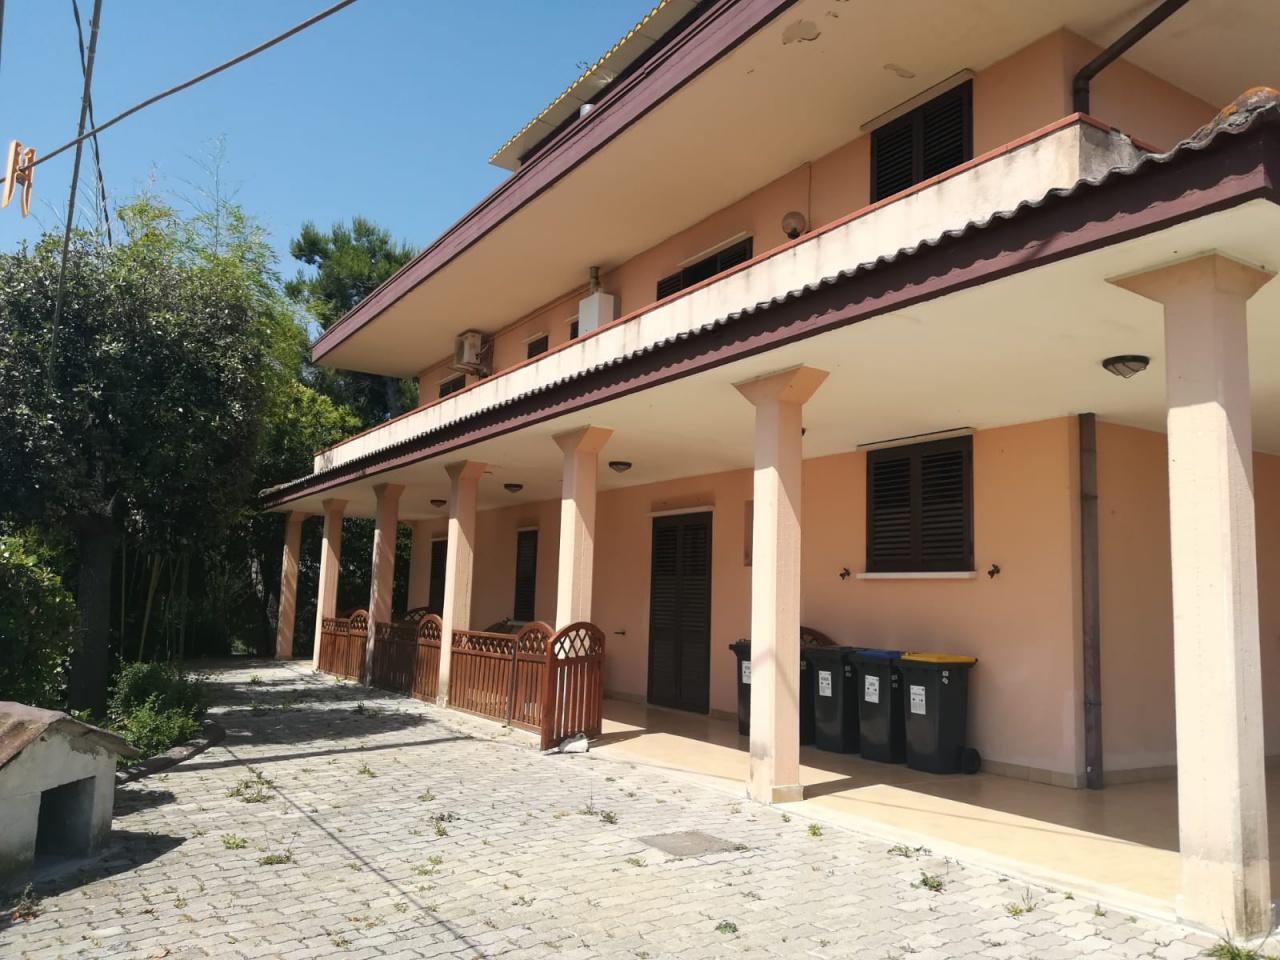 Appartamento in vendita a Montesilvano, 4 locali, prezzo € 168.000 | CambioCasa.it